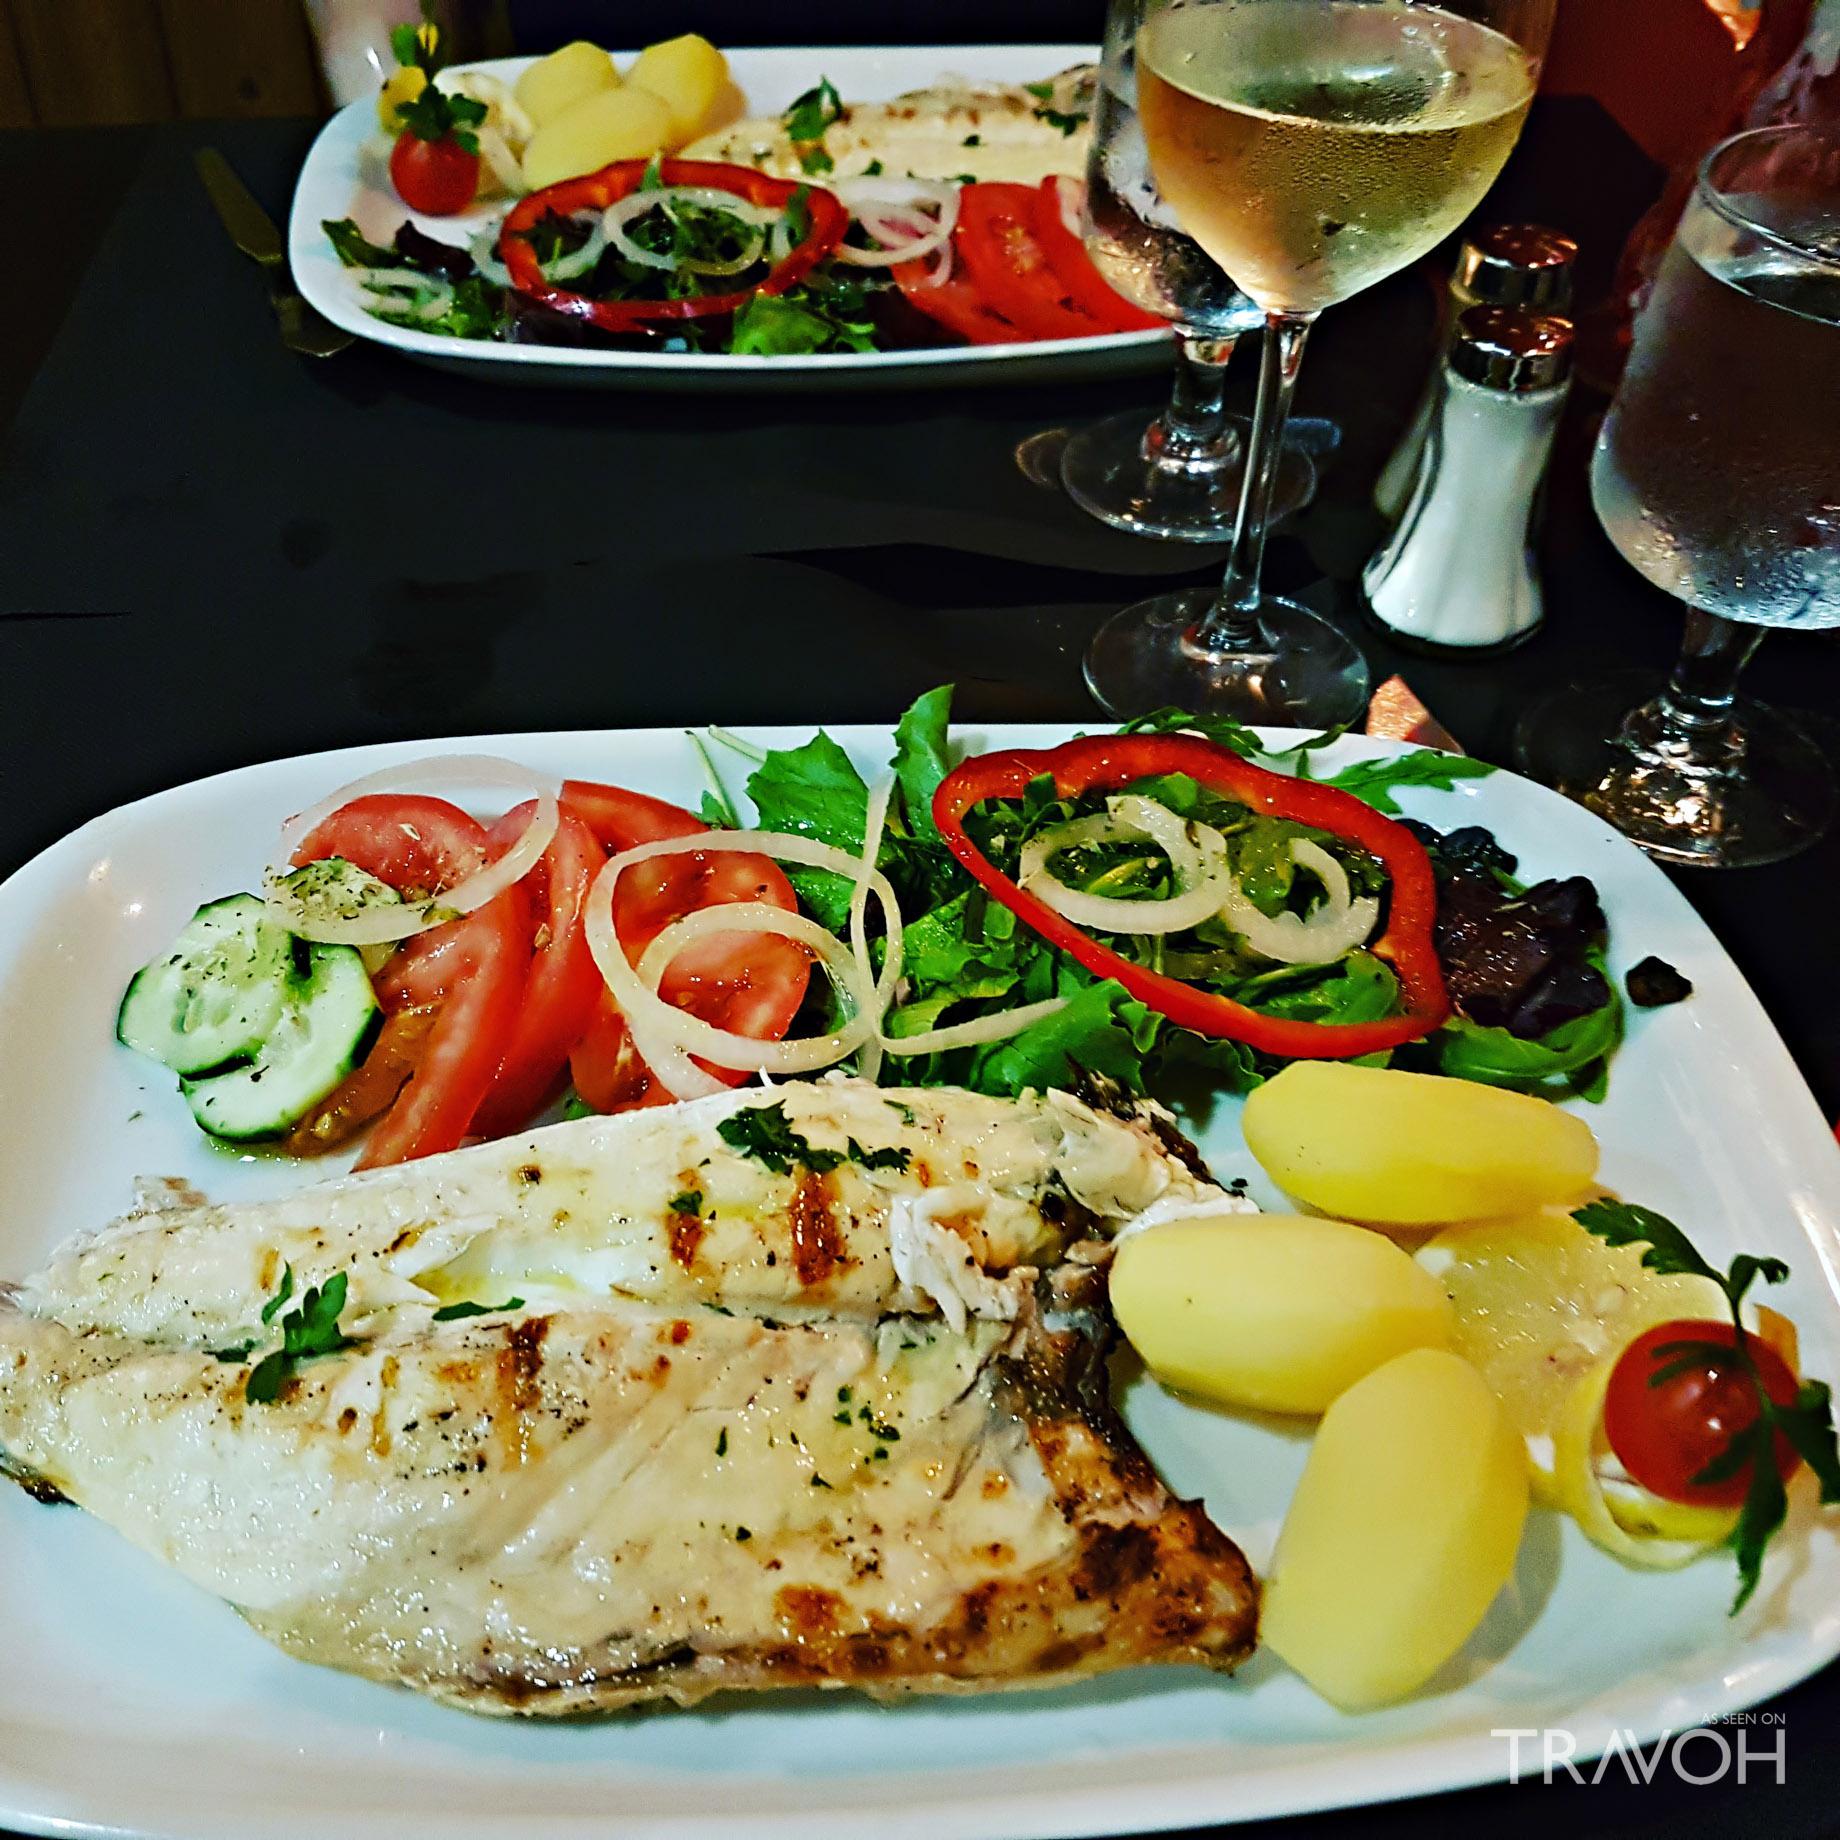 Os Arcos Restaurante - R. Alves Correia 25, 8200-001 Albufeira, Portugal